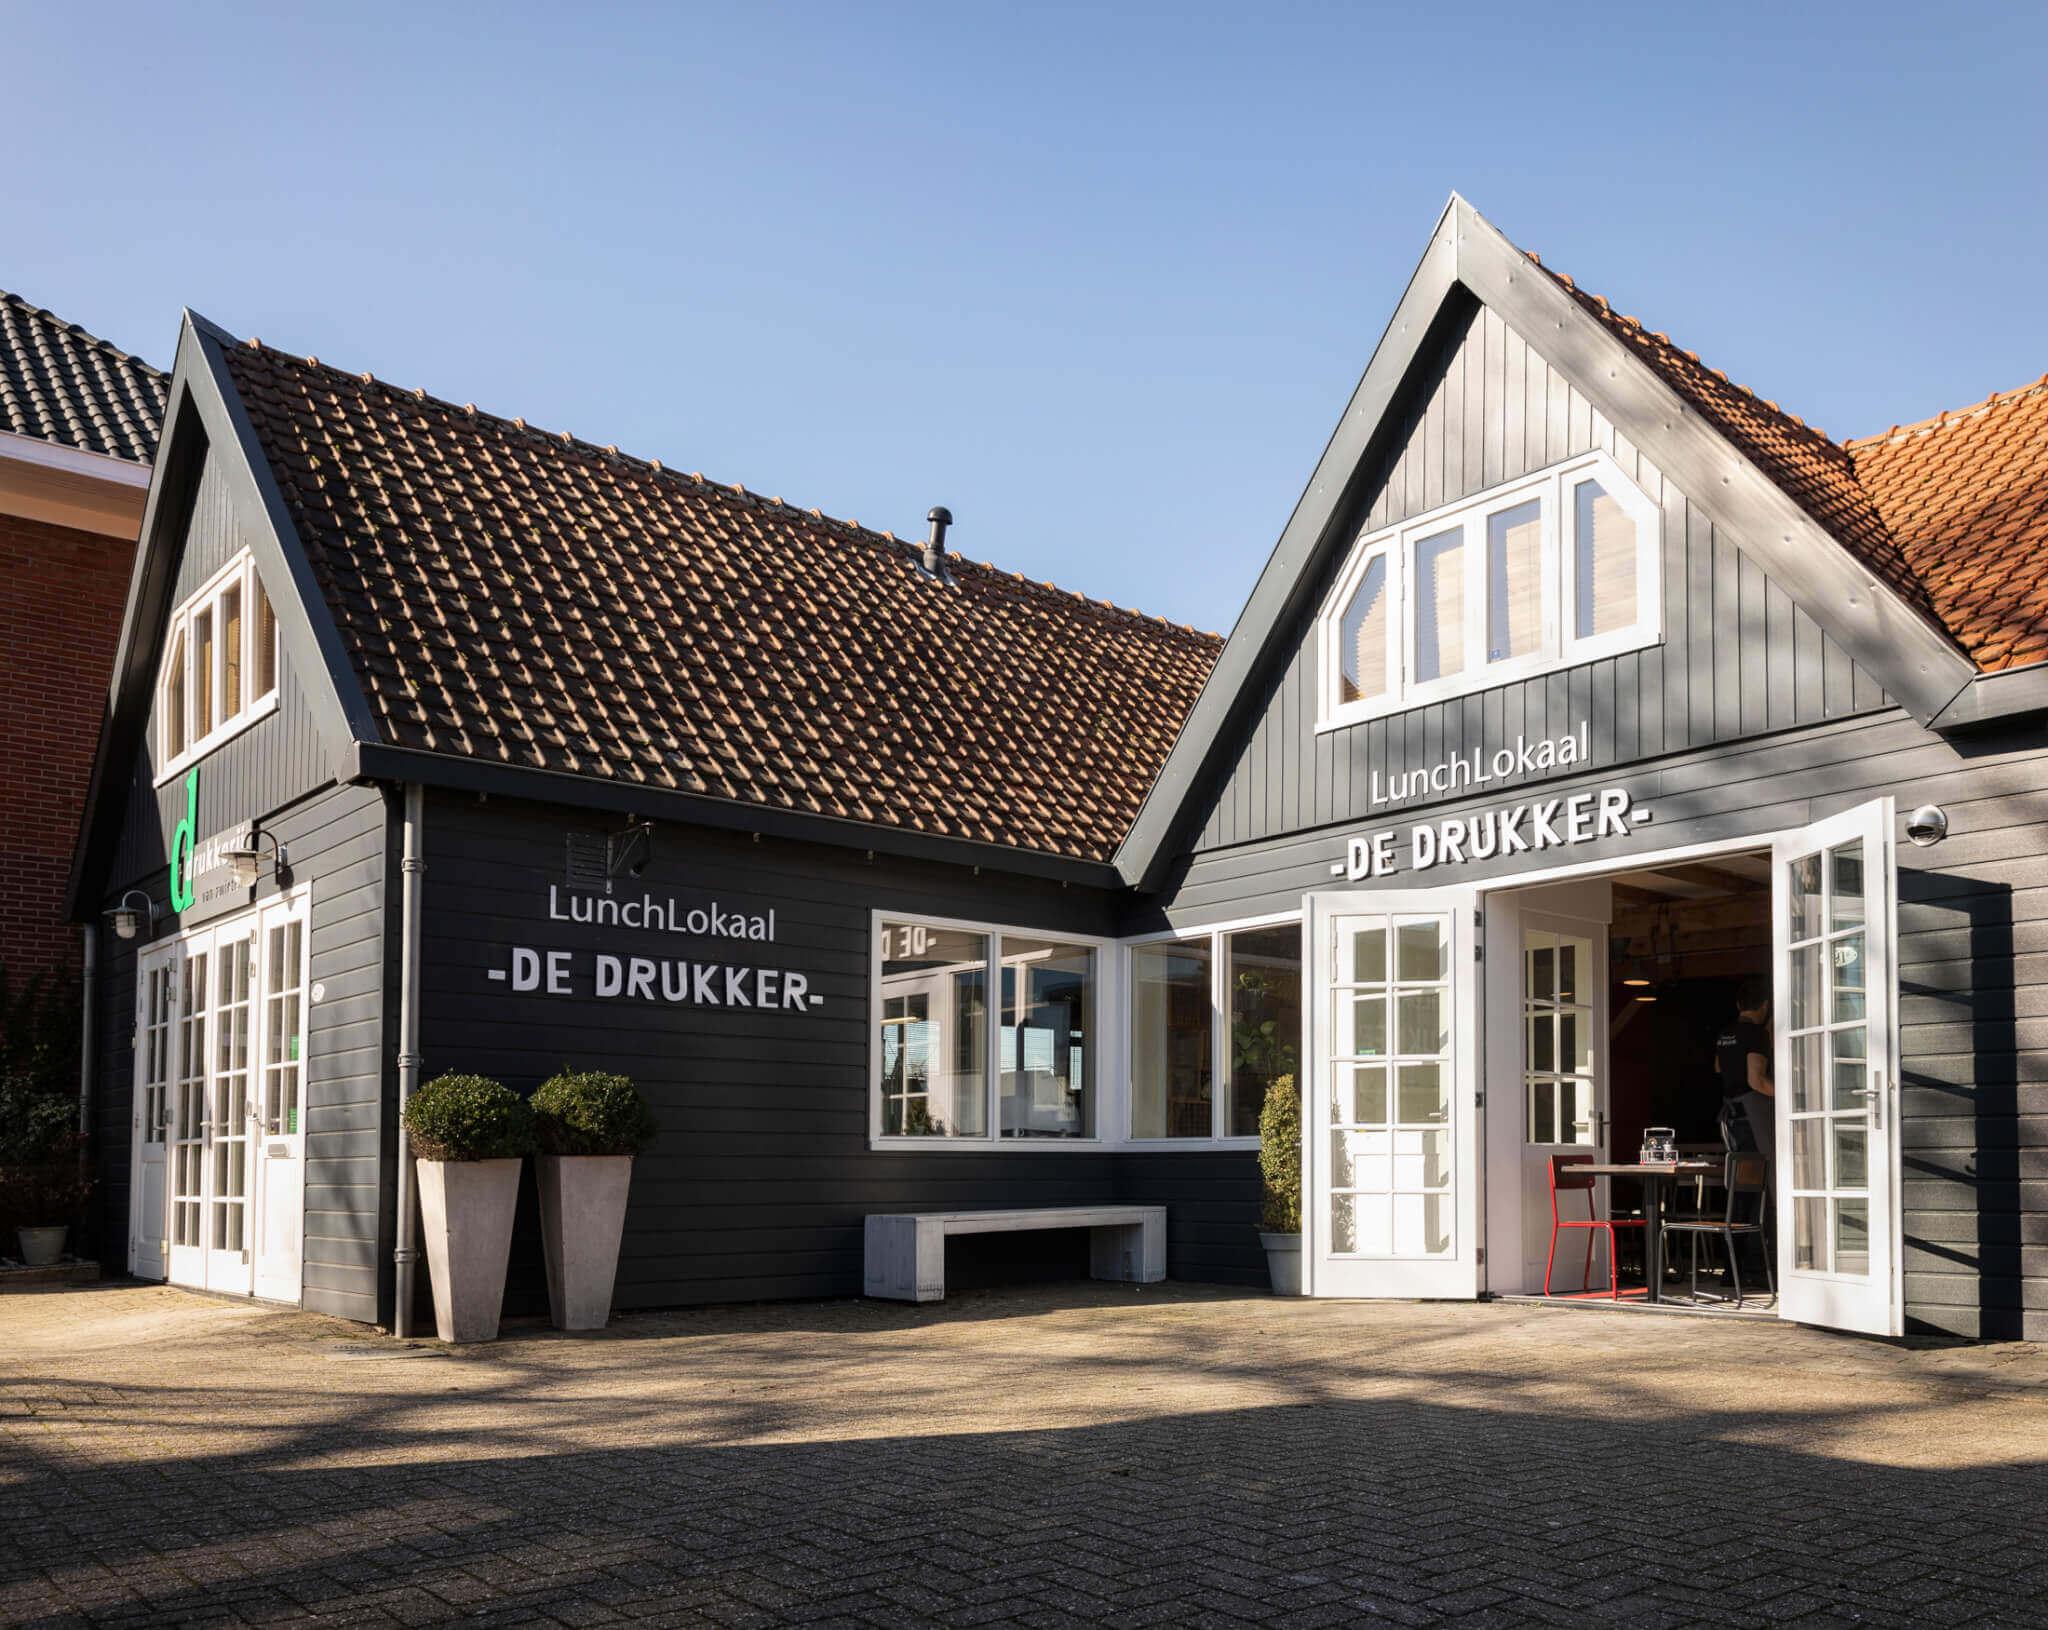 Lunch in Aalsmeer, Amsterdamse Bos: Lunchlokaal de Drukker